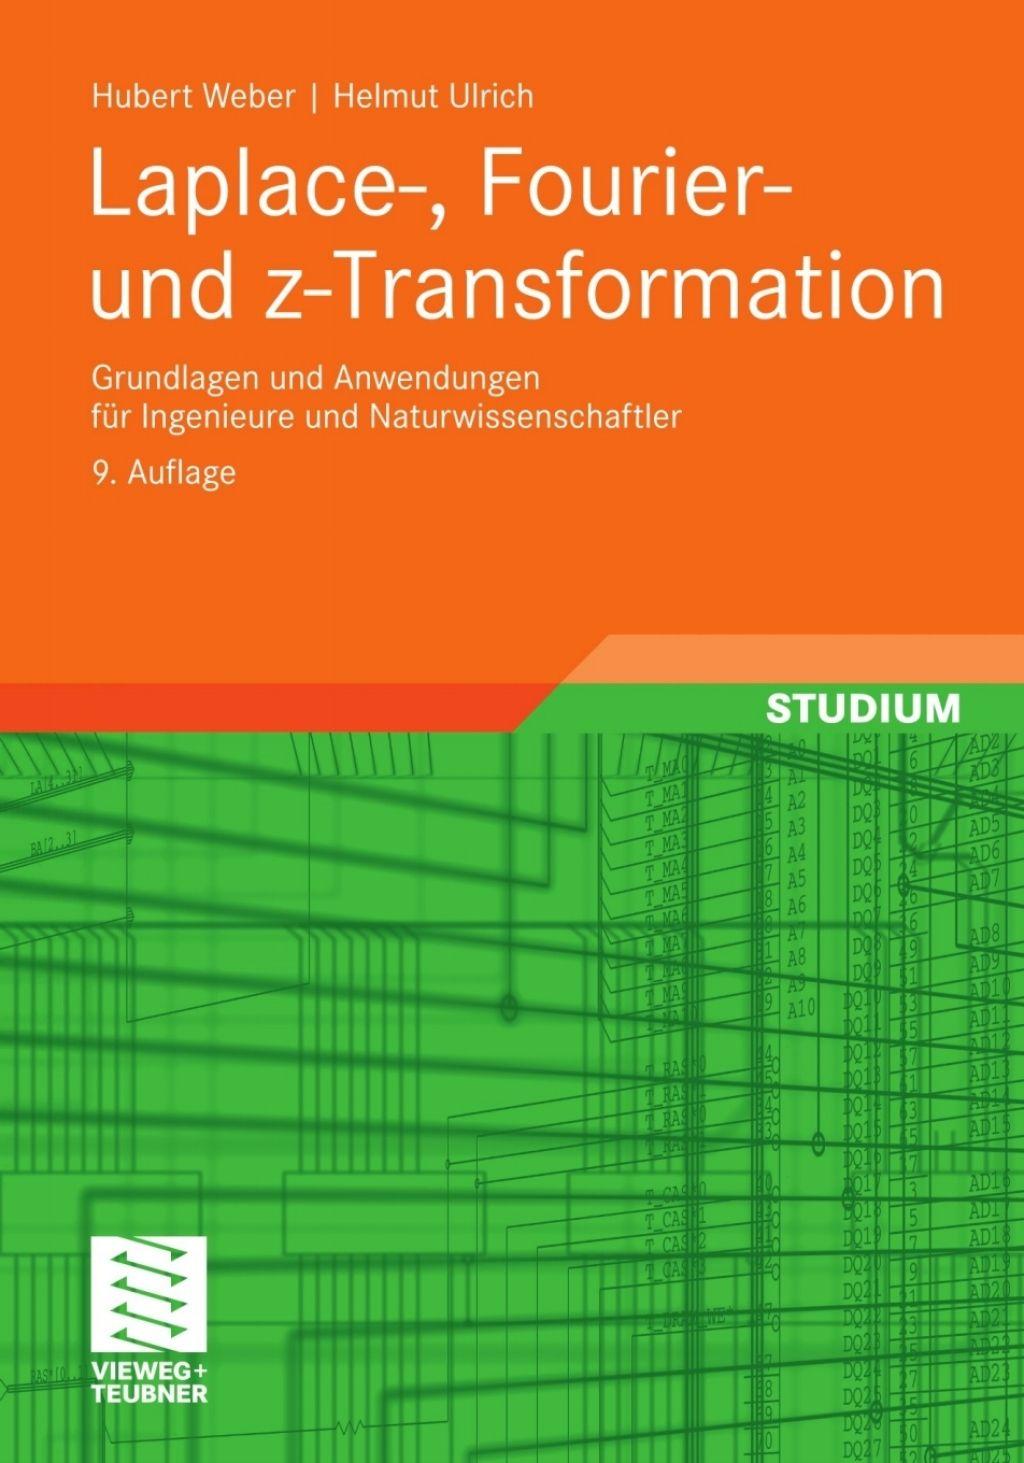 Laplace Fourier und zTransformation (eBook Rental) in